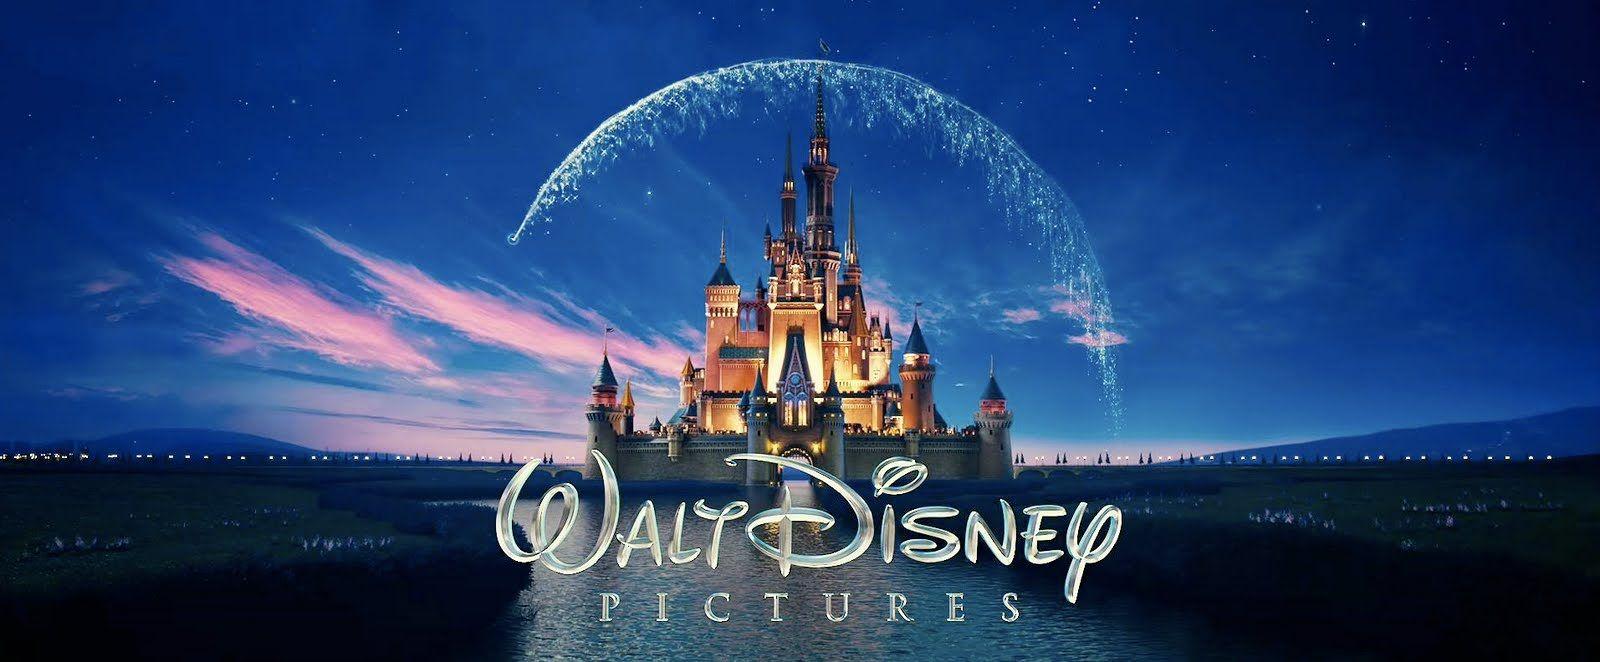 Mari Kita Menulis Hong Kong Trip Liburan Yang Menyenangkan Disneyland Hk With Meal 2in1 Dewasa Di Castle Itu Menjadi Sebuah Bentuk Riil Nyata Dan Berfoto Dengan Background Harus Kenyataan Ga Heran Sepanjang Hari Saya